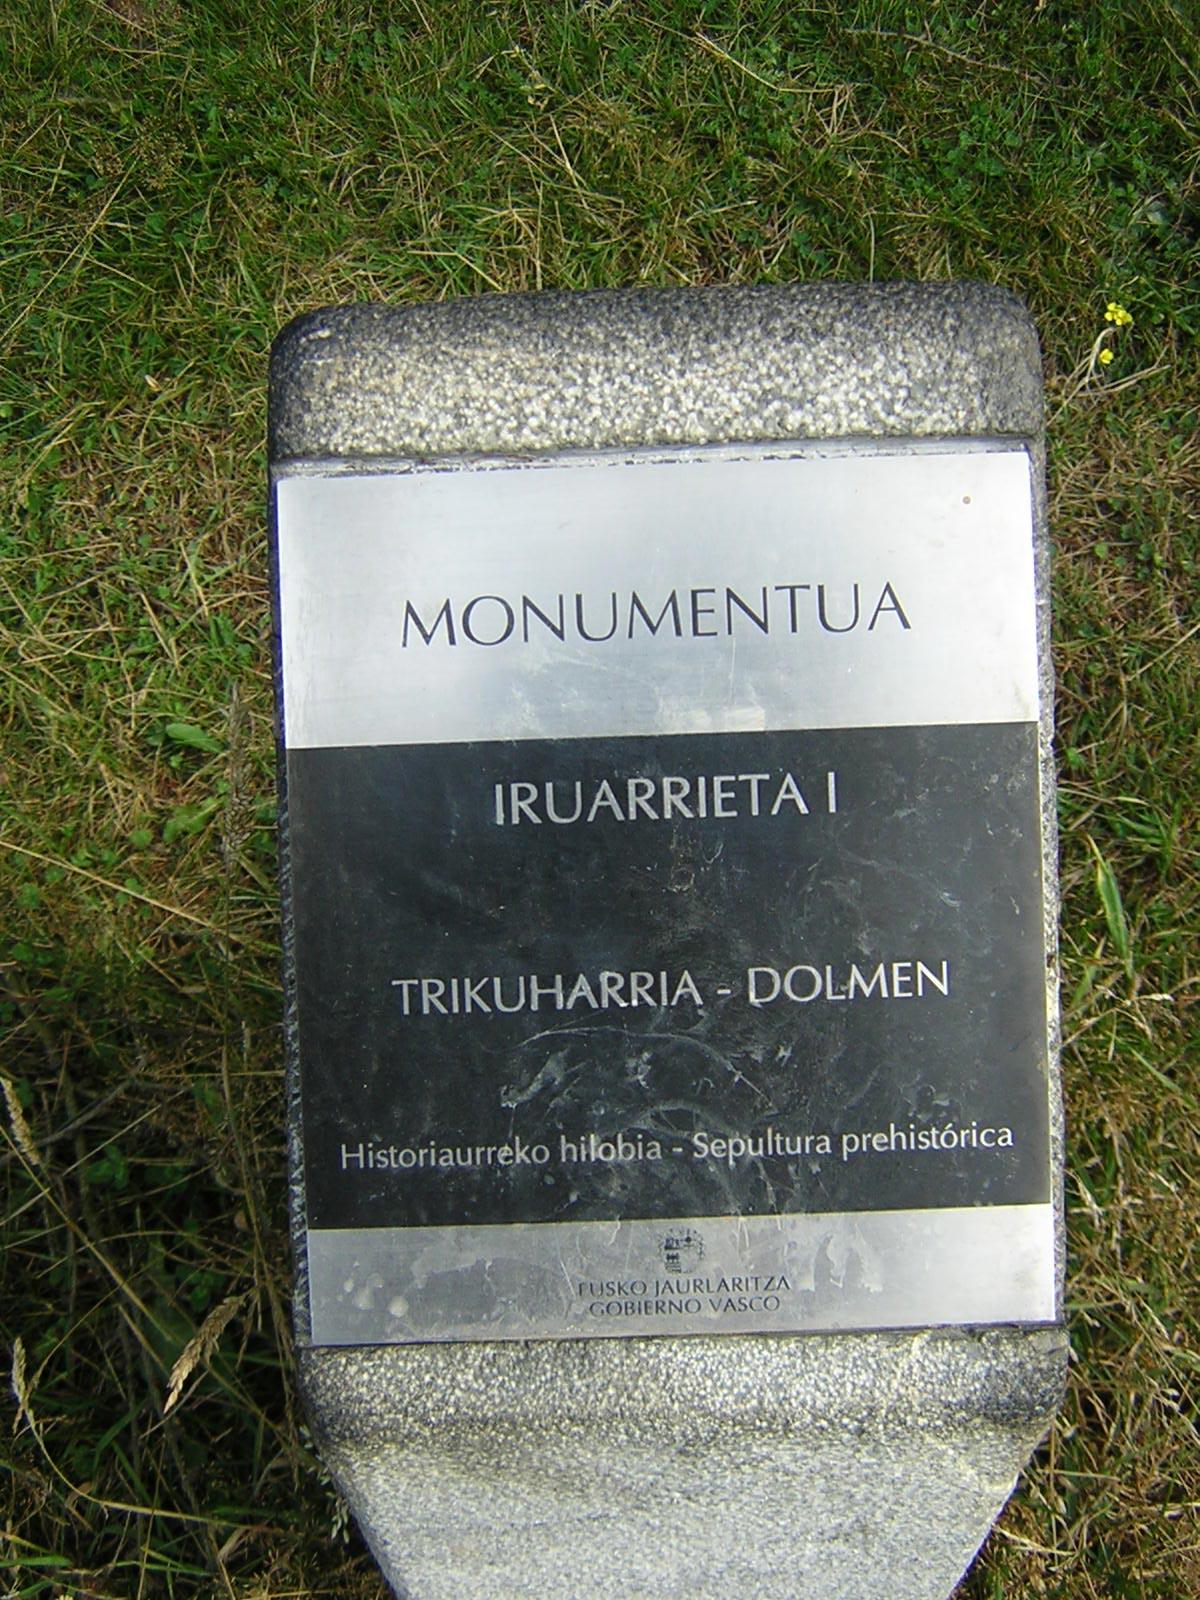 Dólmen Iruarrieta 1 Trikuharria